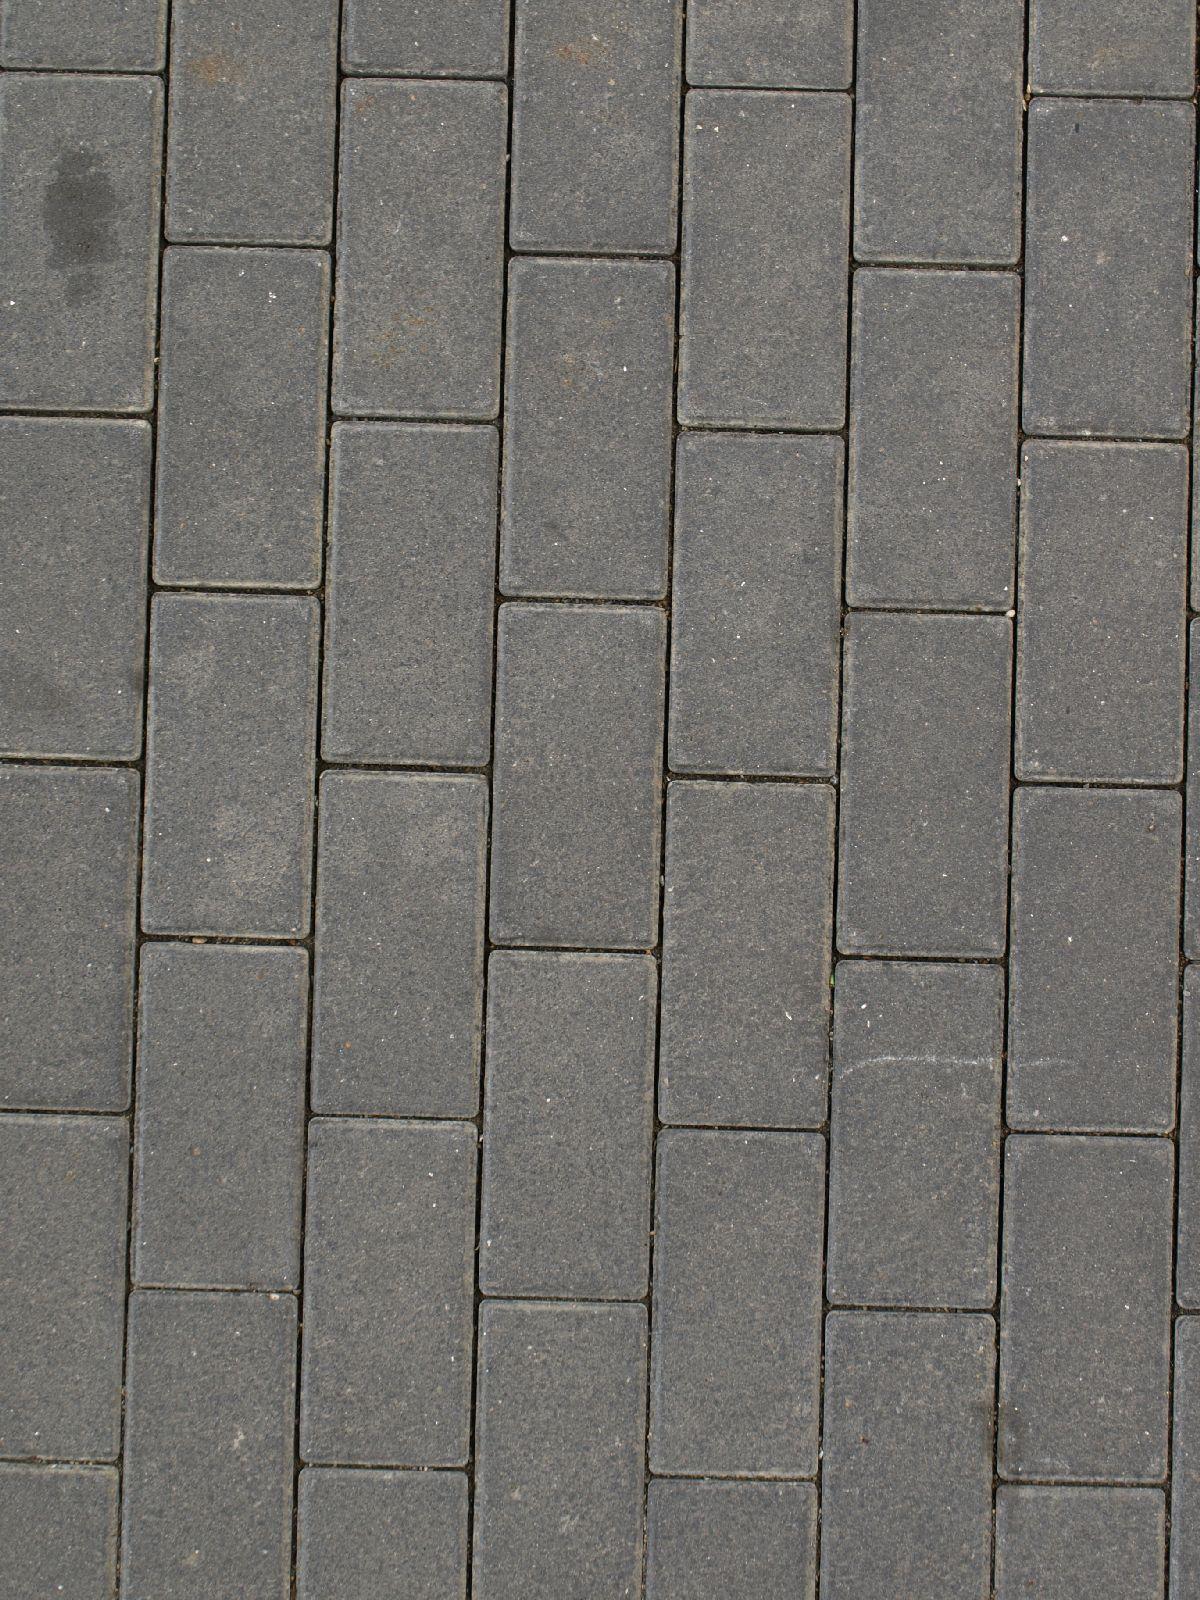 Boden-Gehweg-Strasse-Buergersteig-Textur_A_P9014735